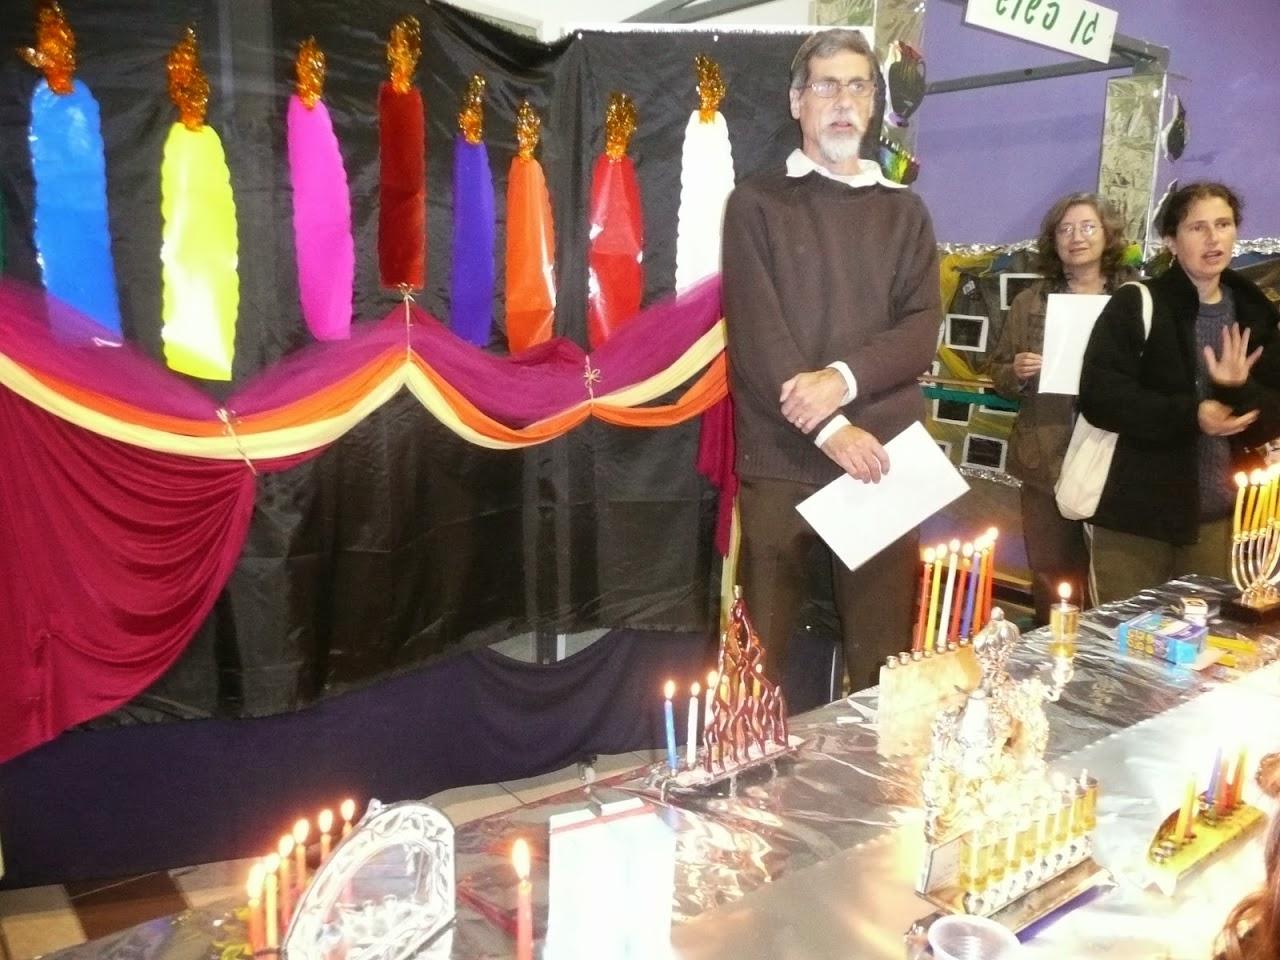 Hanukkah 2008  - 2008-12-26 16.22.46.jpg